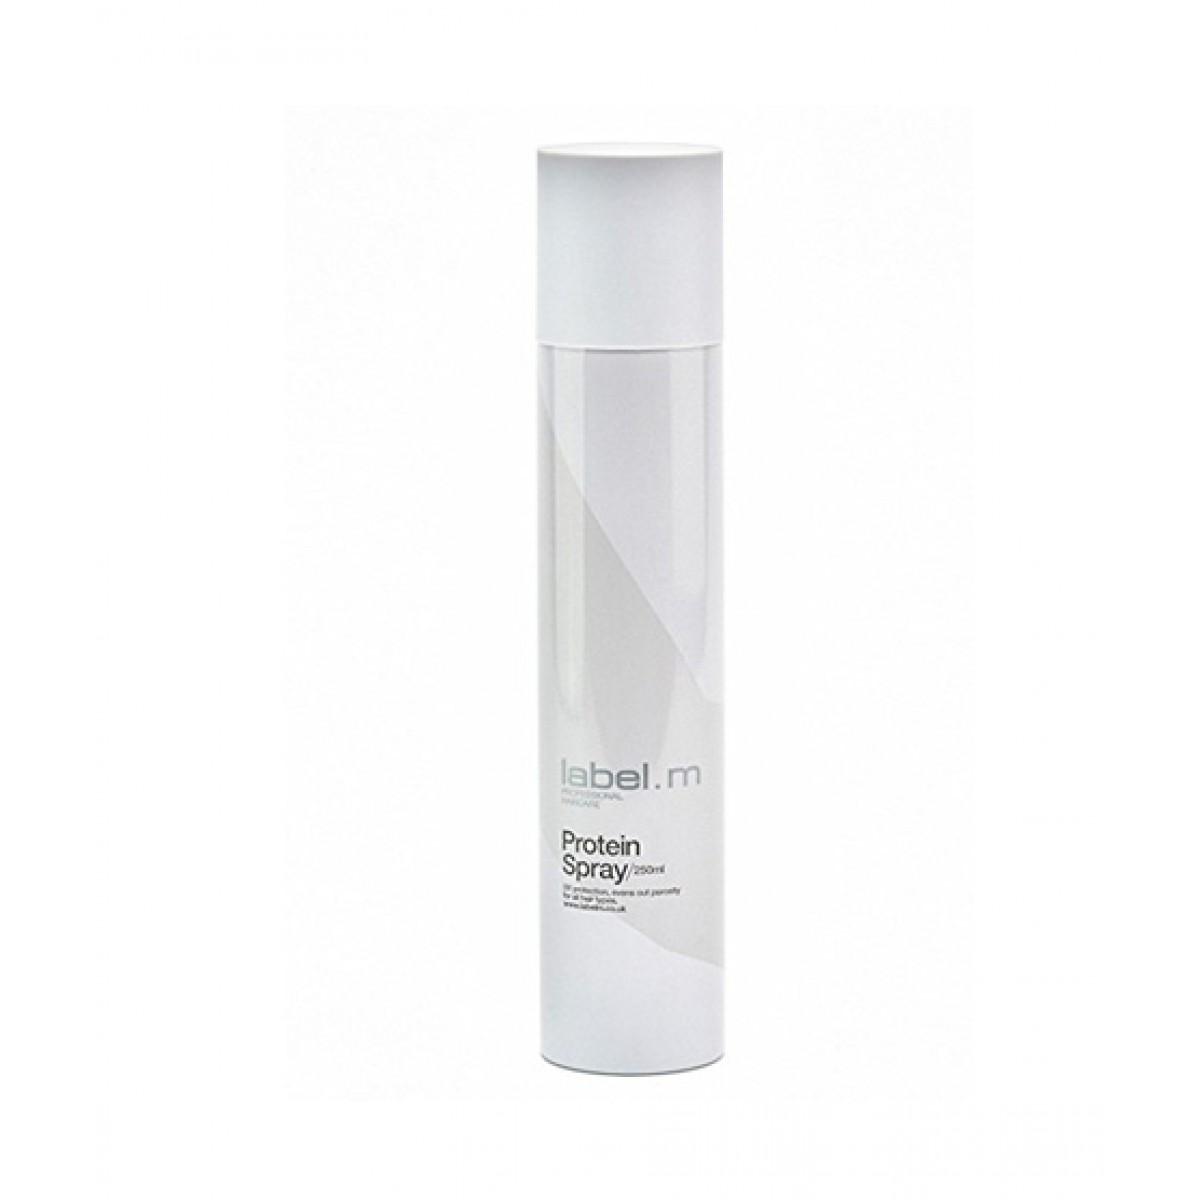 Label M Protein Spray 250ml